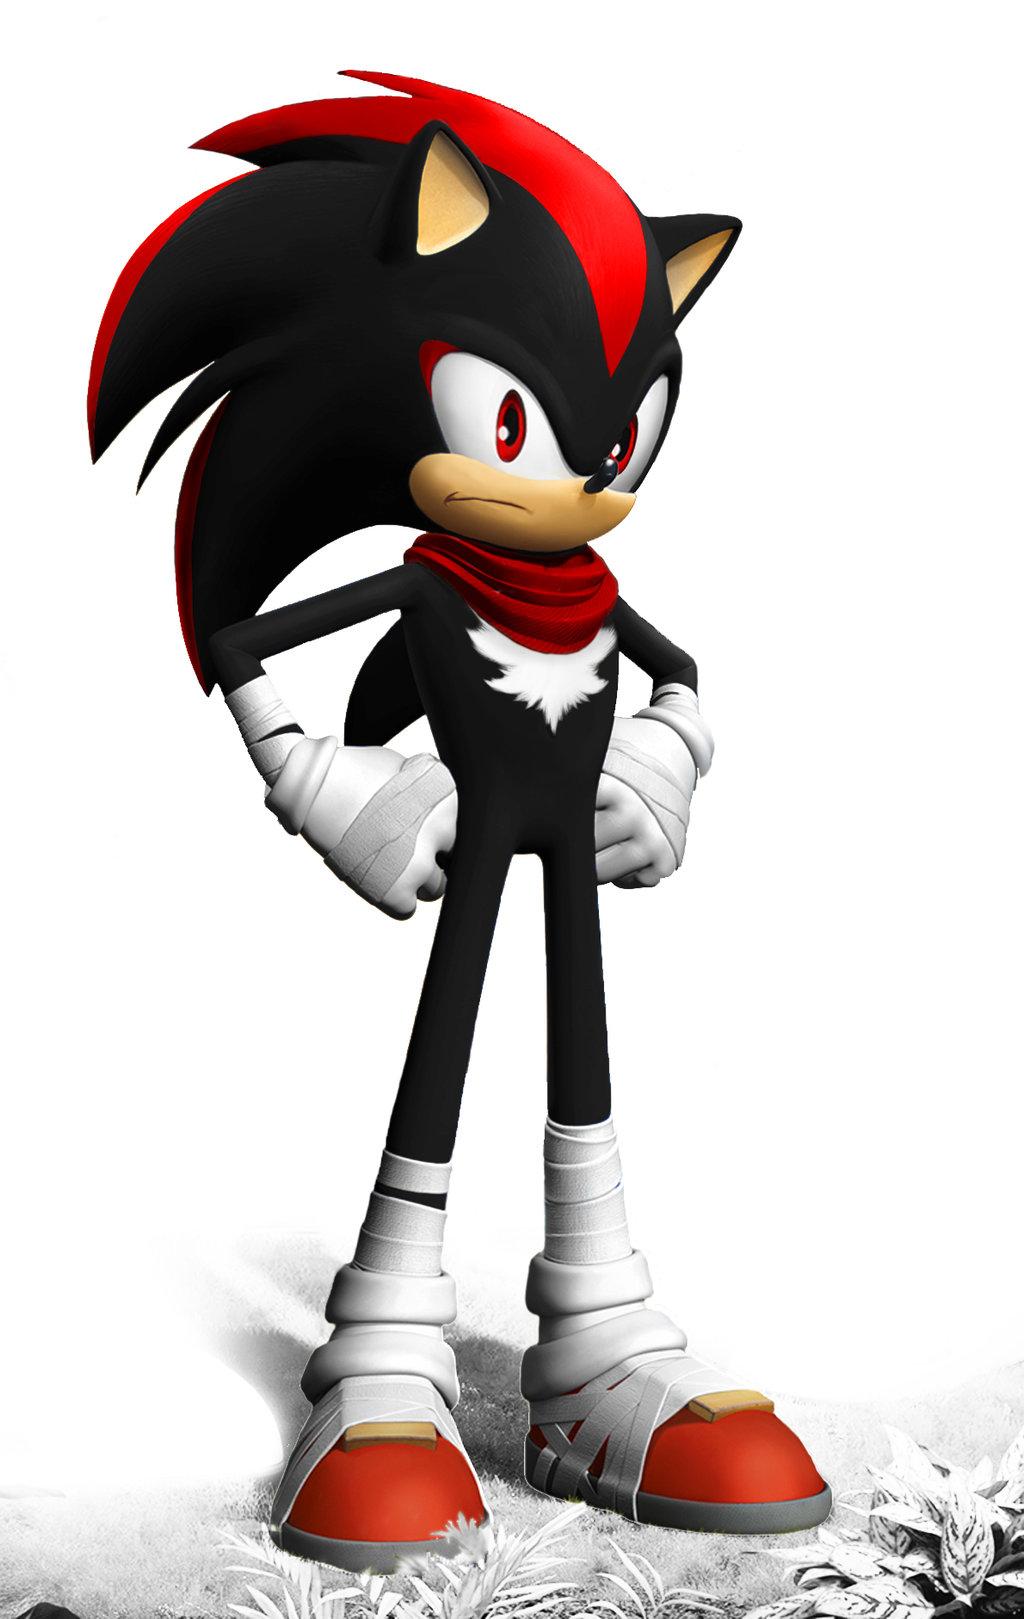 Sonic shadow boom wallpaper wallpapersafari - Shadow sonic boom ...